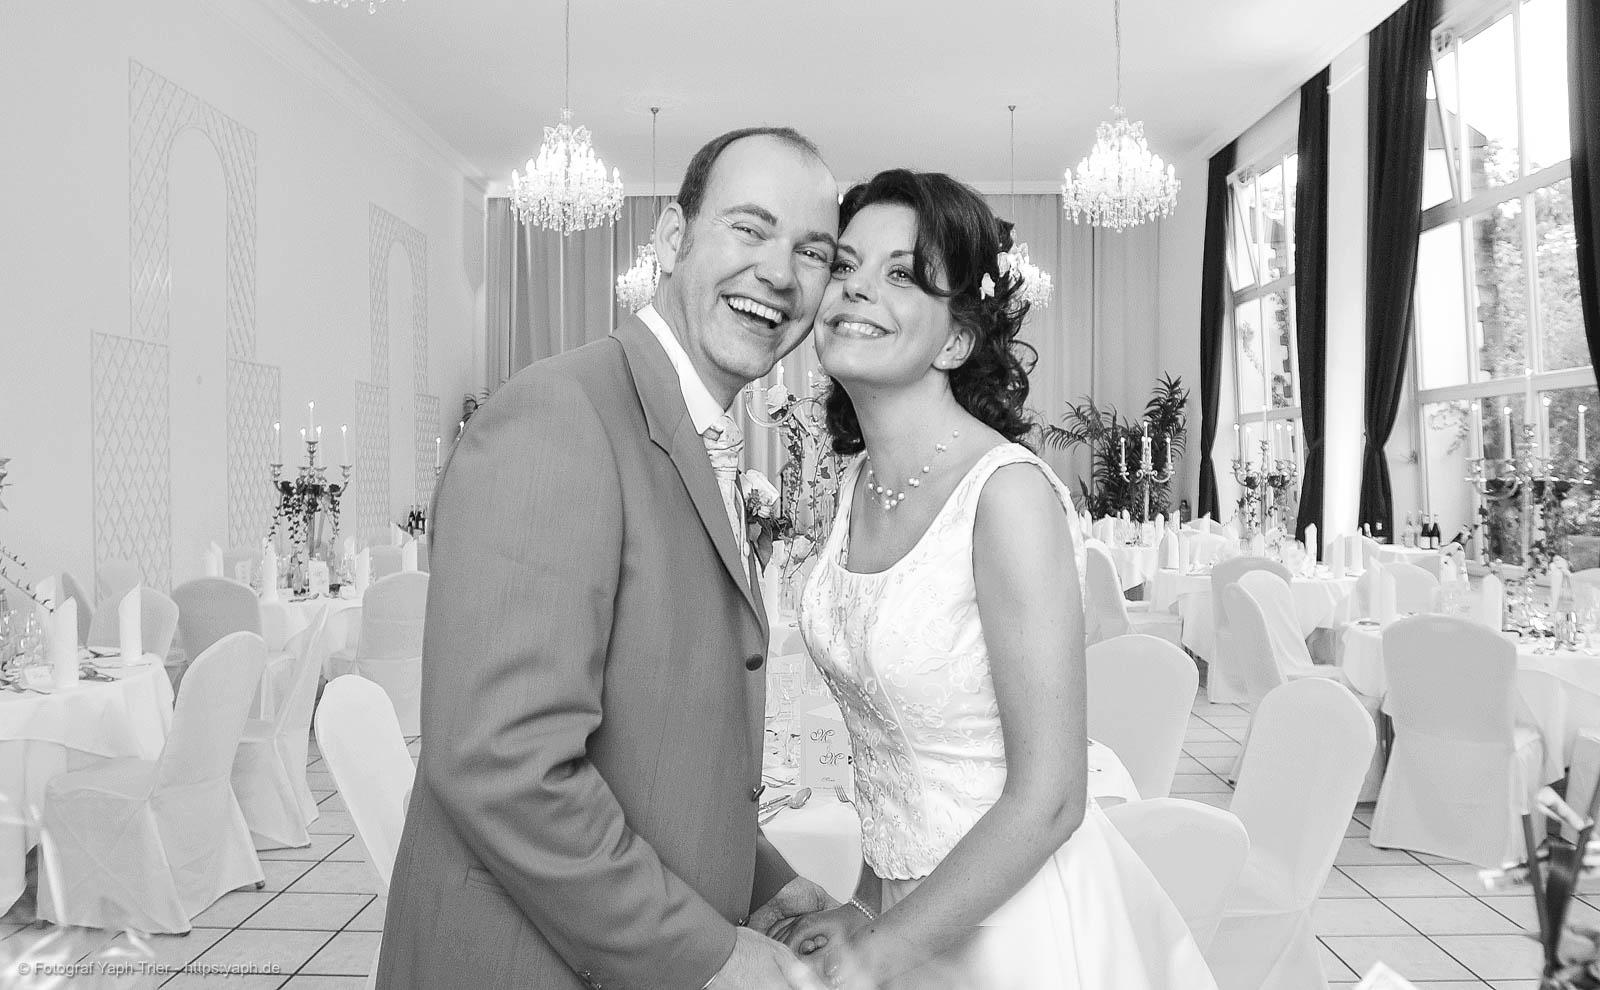 Hochzeitspaar Mireille-Marco in der Orangerie Nells Park Hotel Fotograf Trier - Yaph